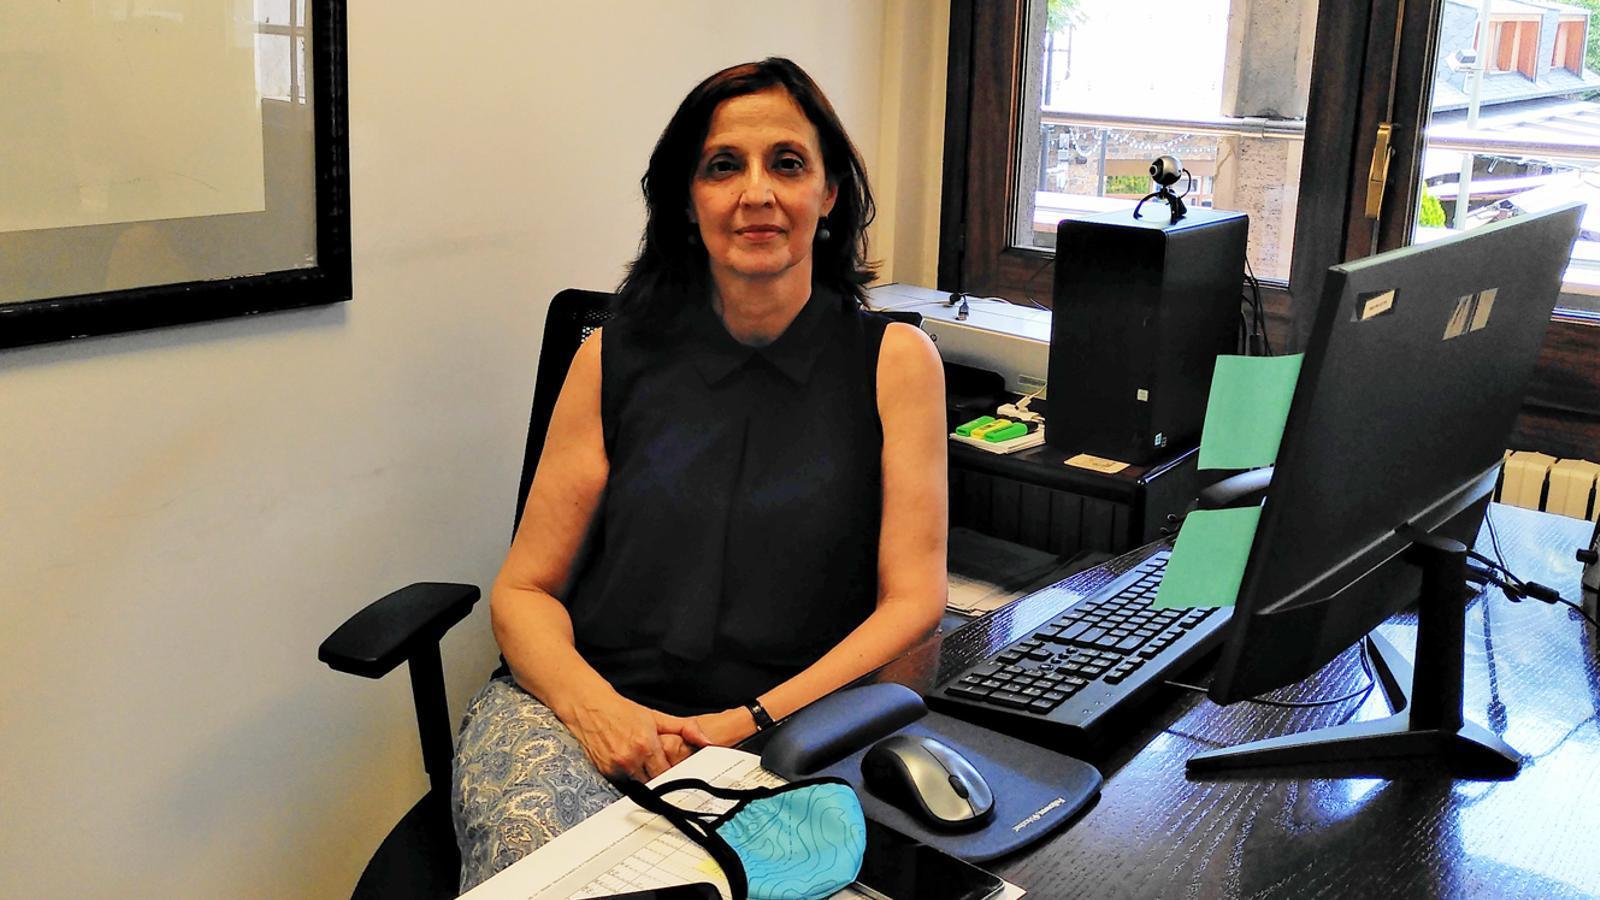 La consellera d'Educació de l'Ambaixada espanyola, Yolanda Varela